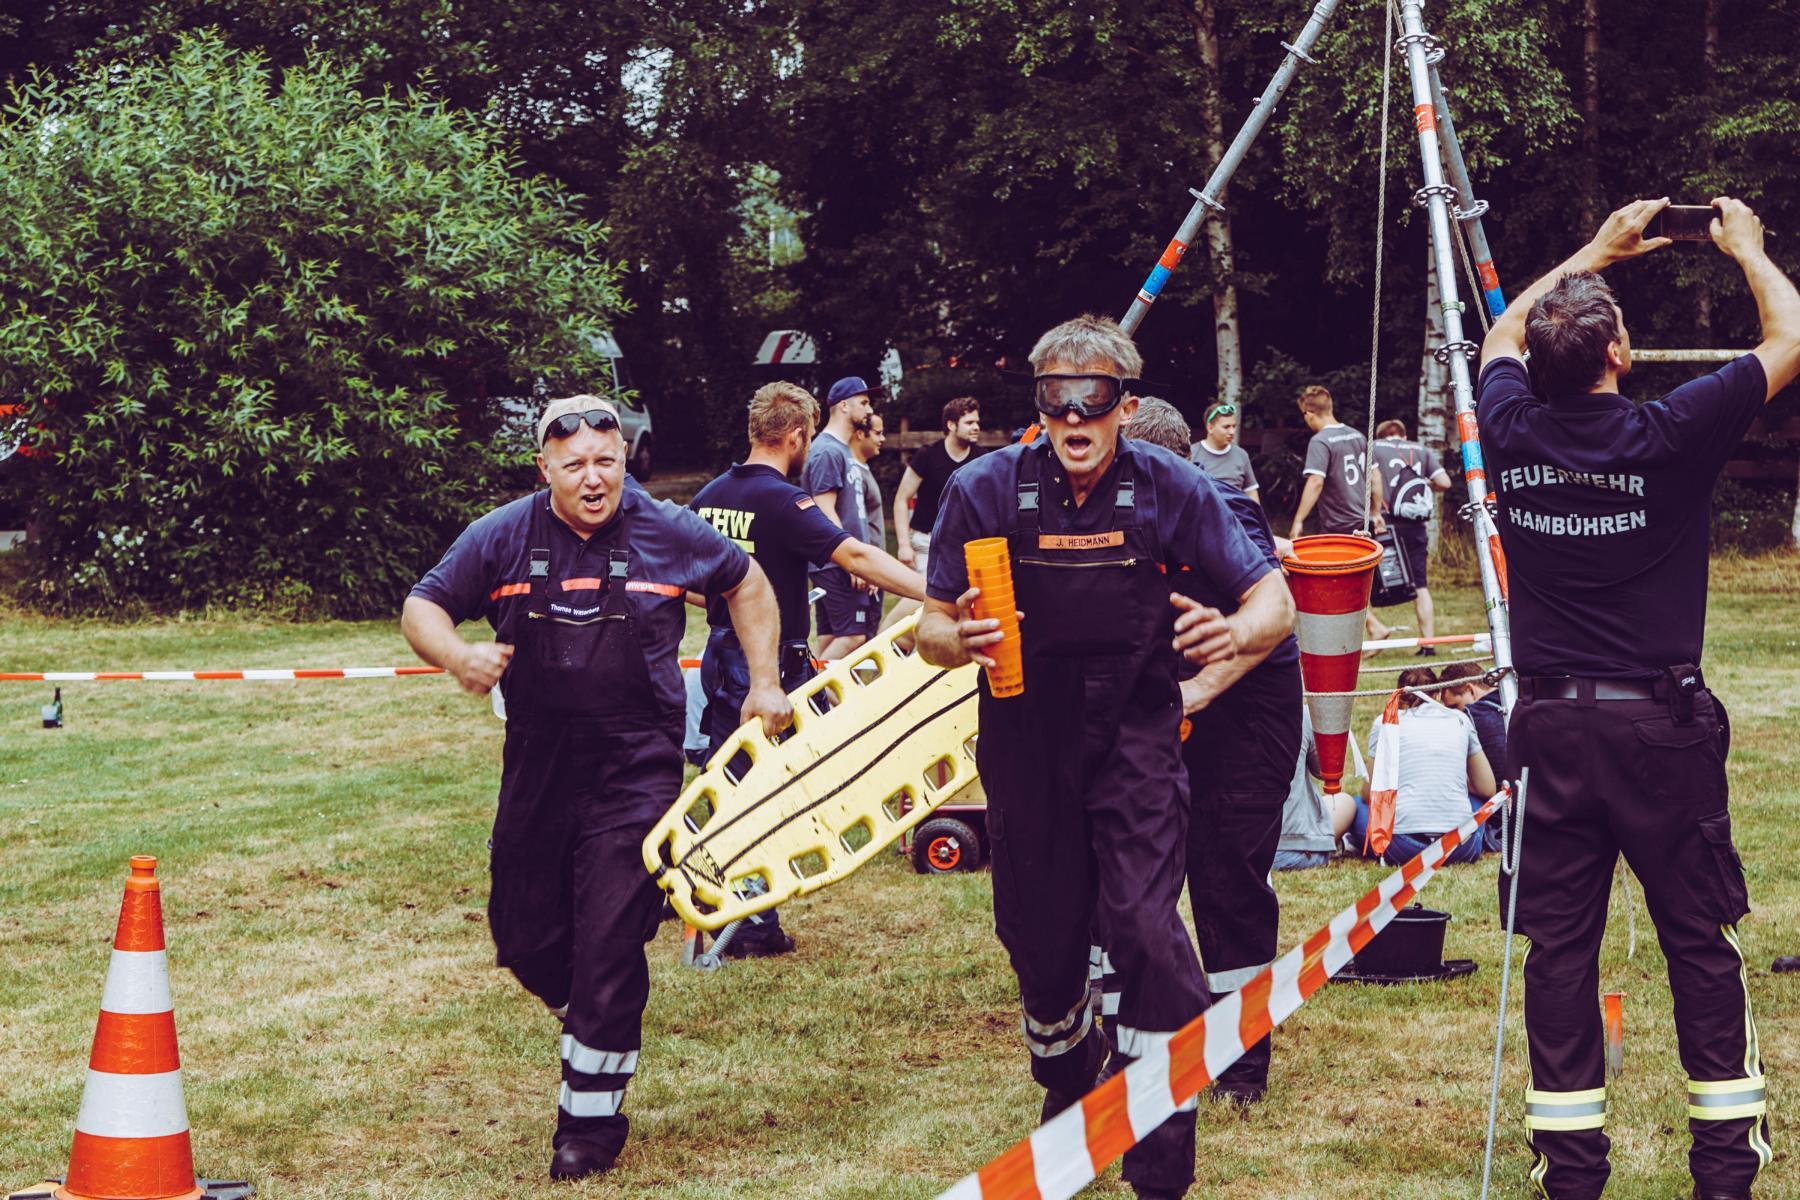 Bericht: Jubiläumsmarsch der Feuerwehr Wiedenrode